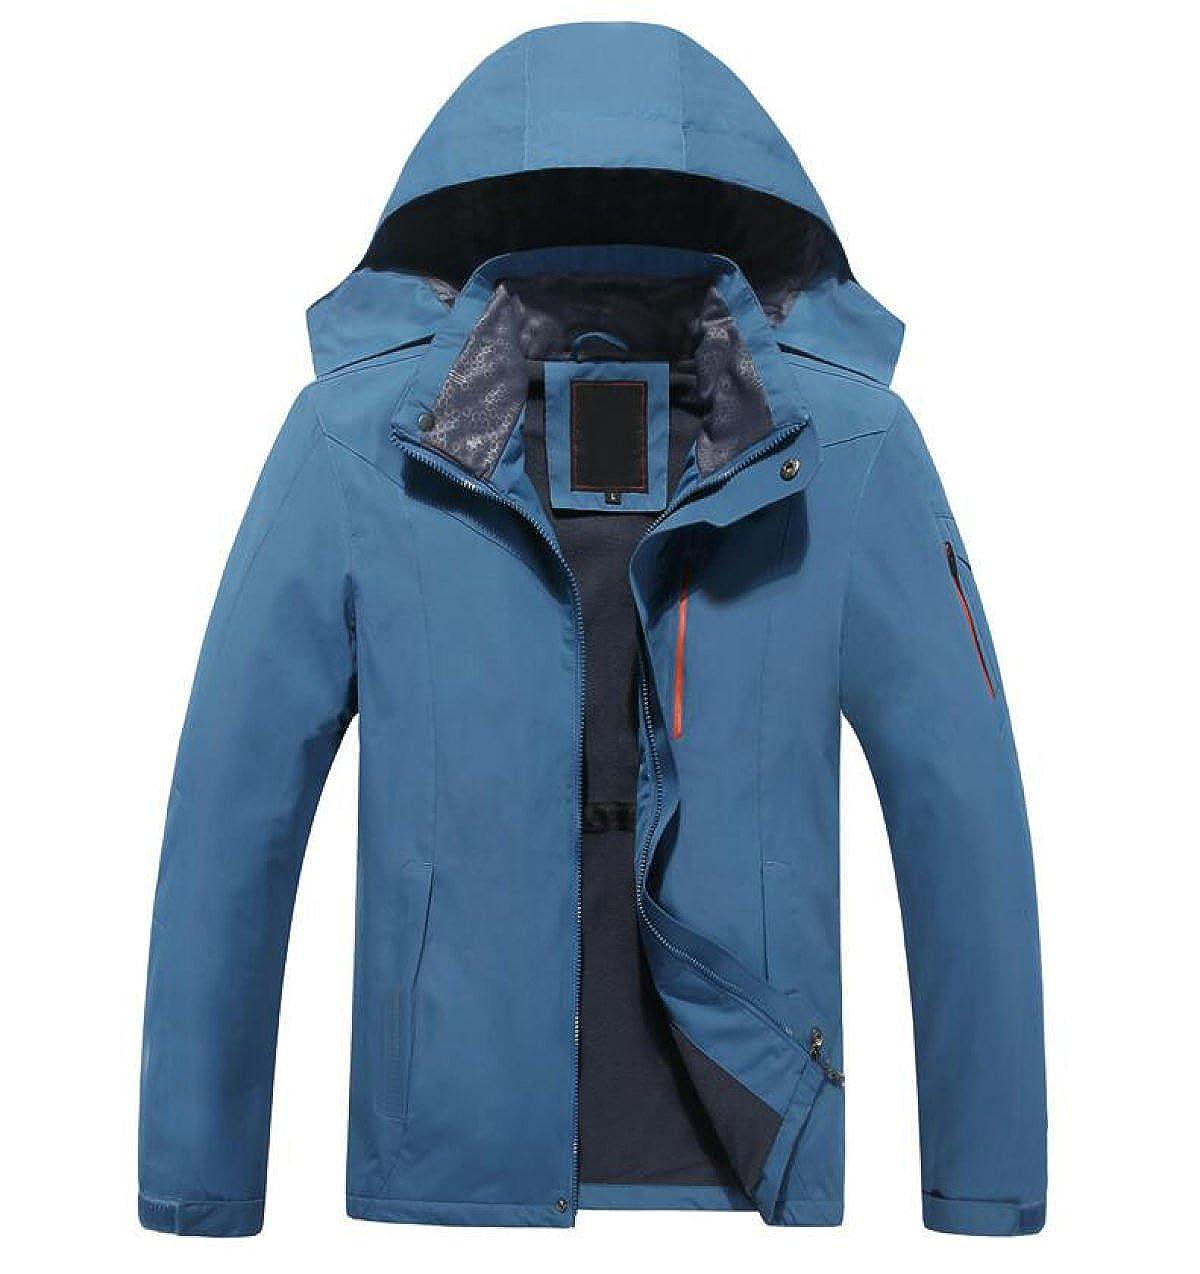 bleu XL VêteHommest Extérieur pour Hommes en Plein Air VêteHommests pour L'alpinisme Un Seul Ensemble Imperméable à l'eau Veste à Vent